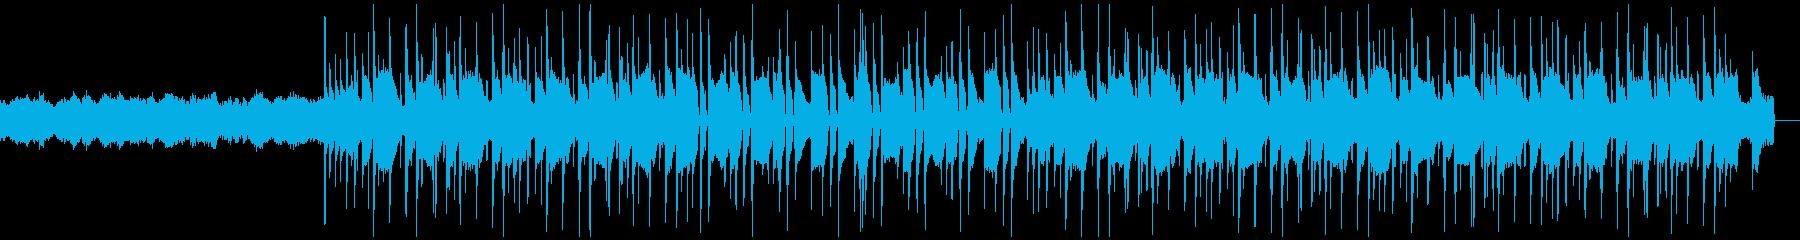 ノスタルジック Lo-fi HipHopの再生済みの波形